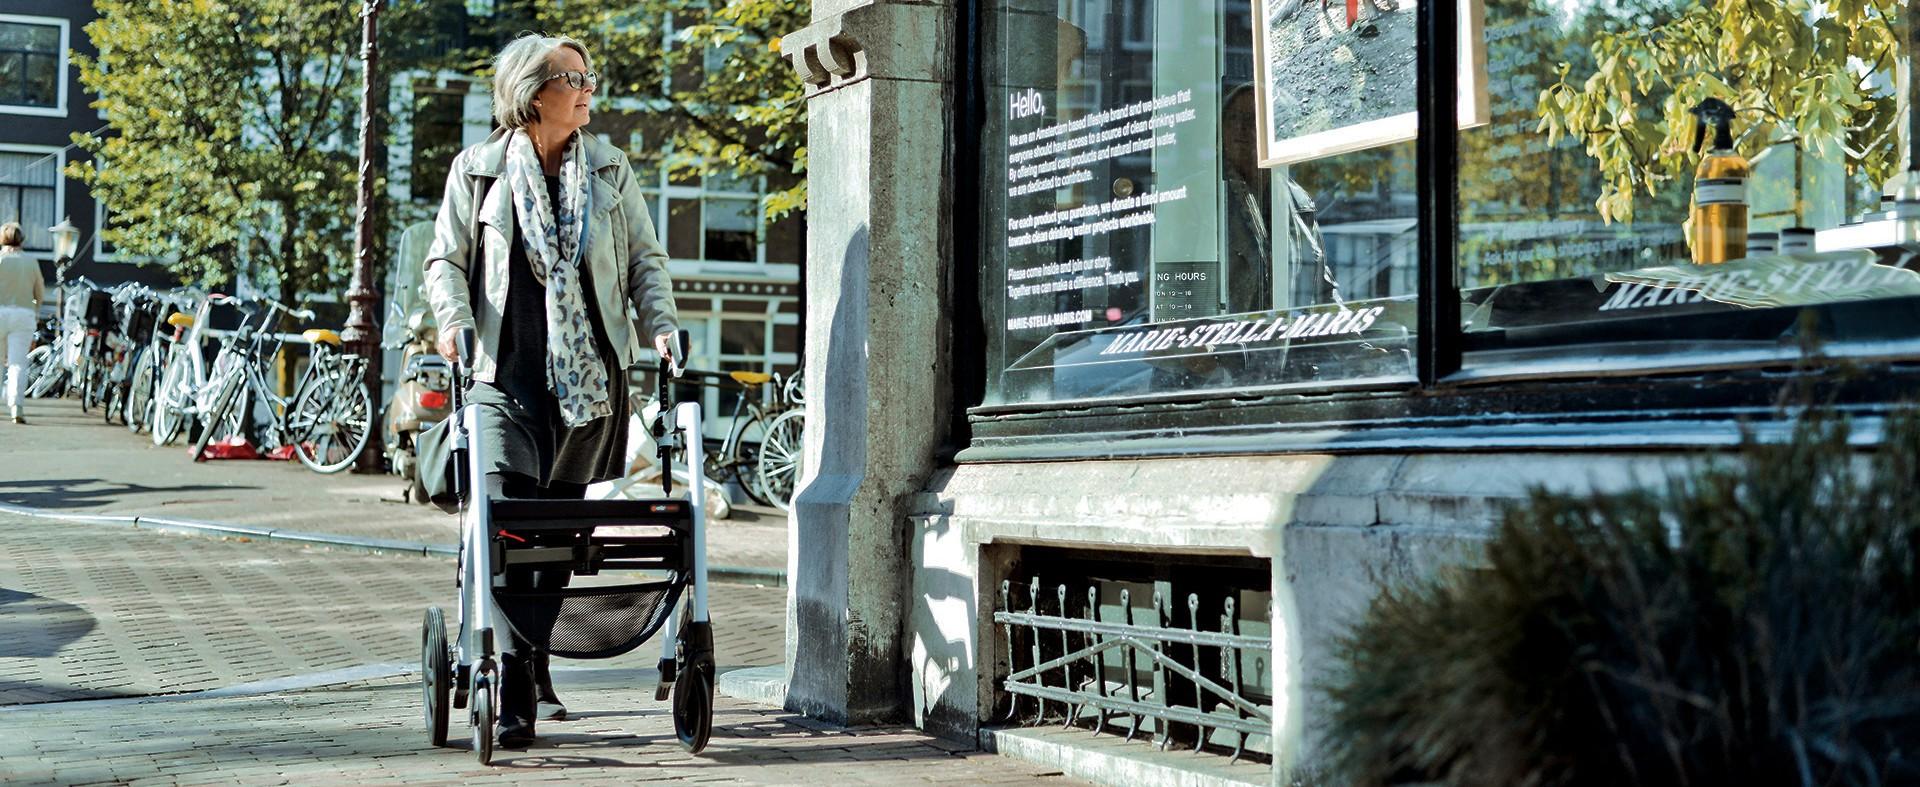 Dame loopt met een rollator in Amsterdam en kijkt naar een etalage.